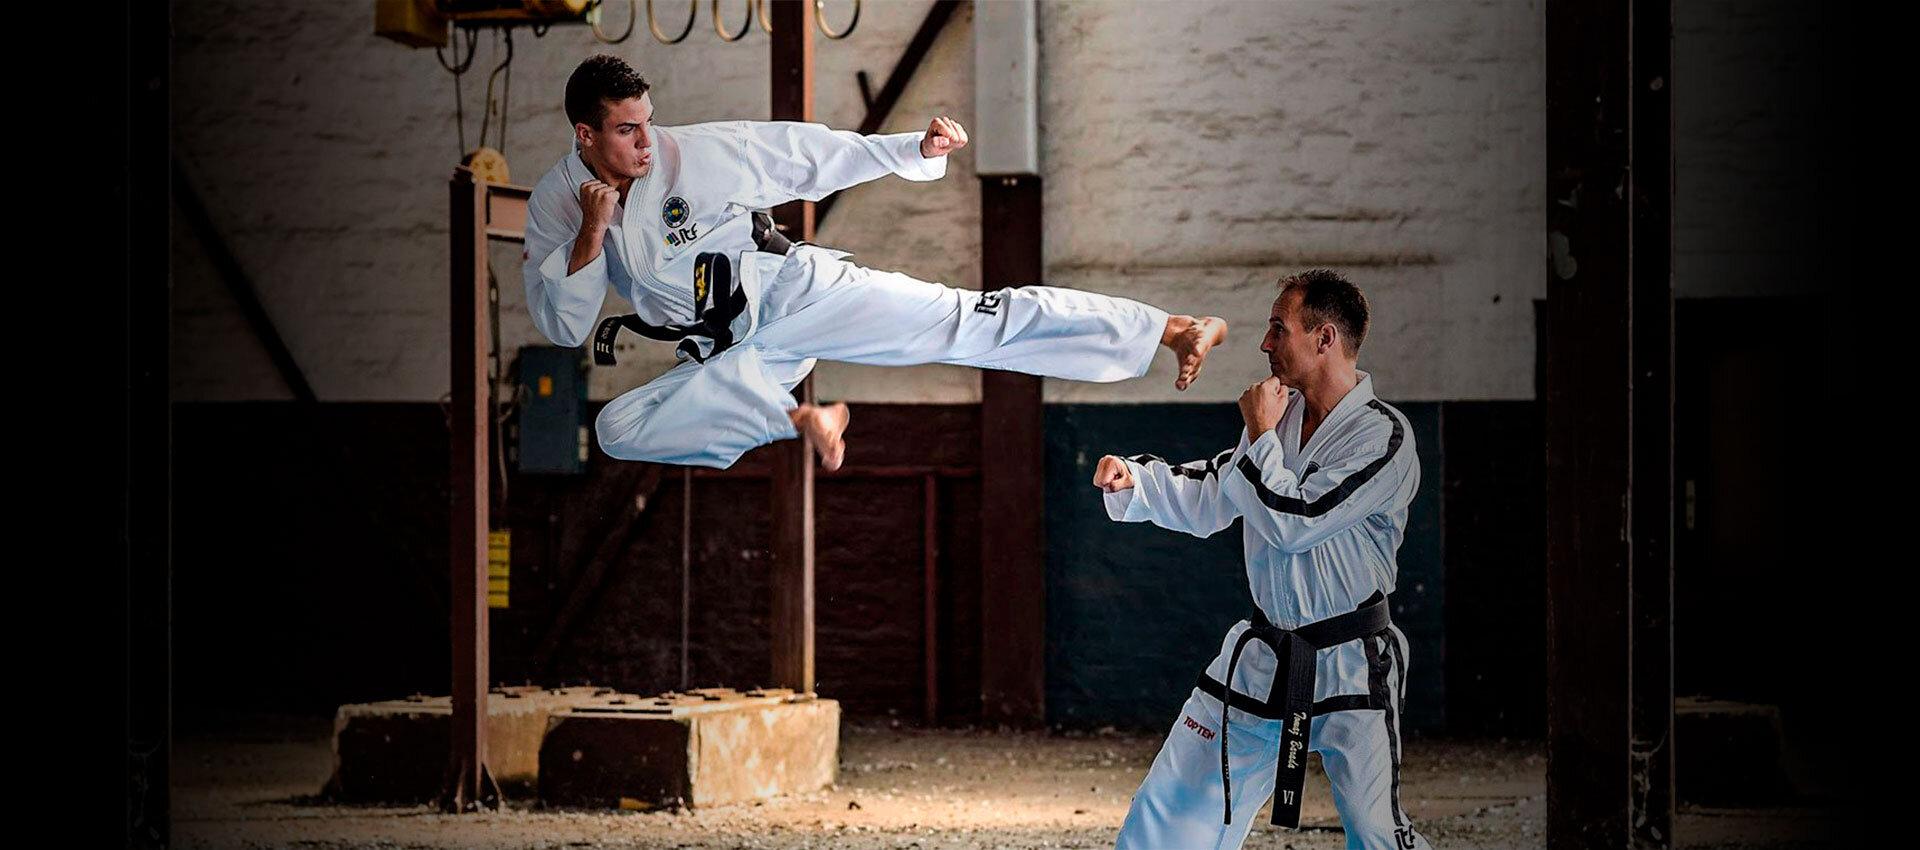 Taekwondo-Do